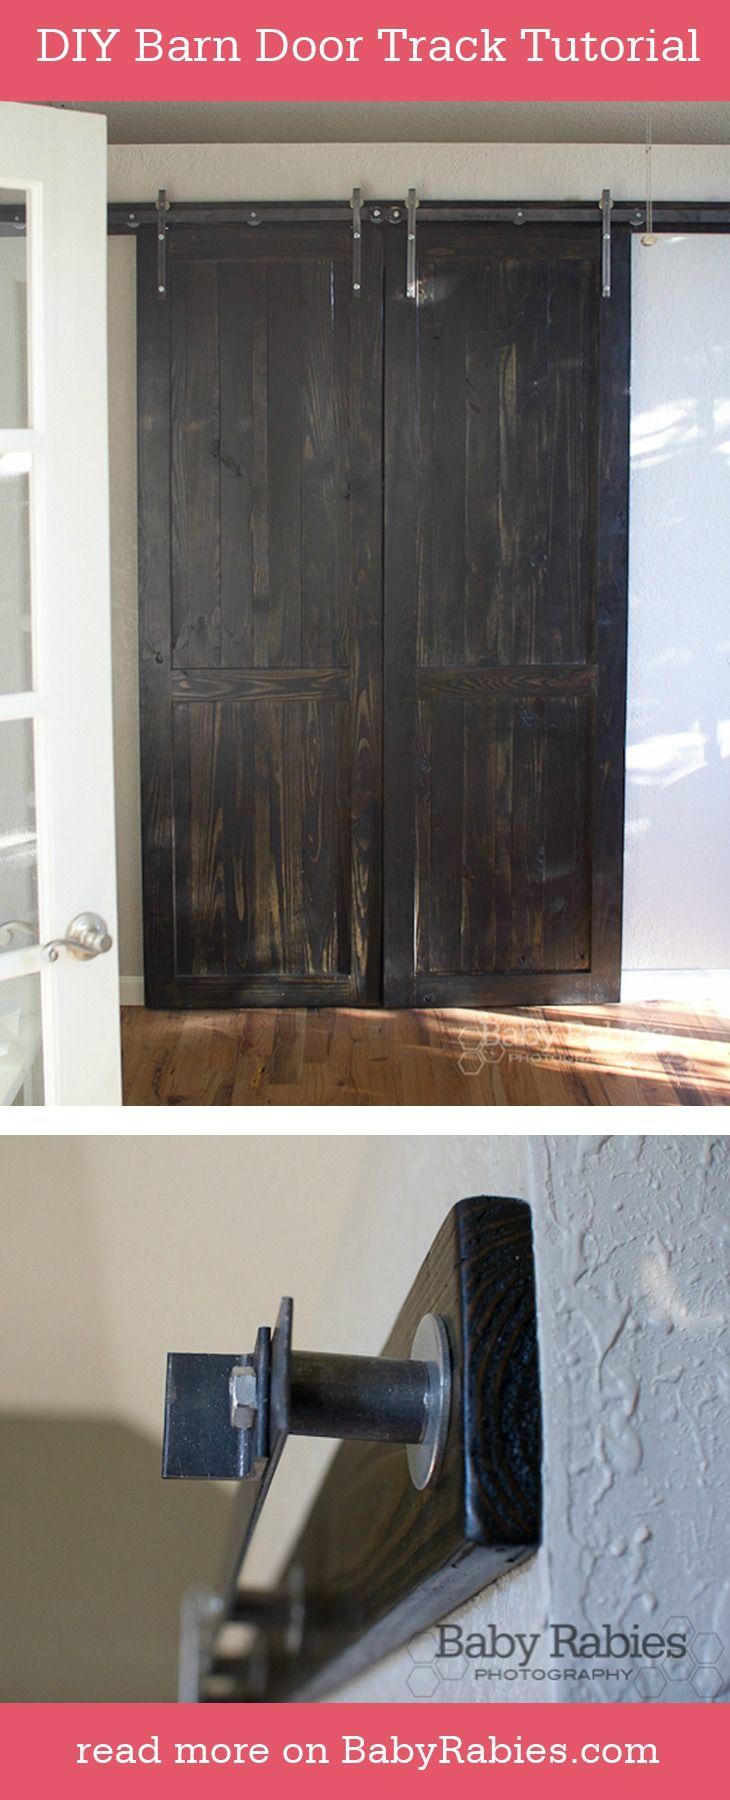 Barn door hardware rlp v track rectangular hanger reclaimed lumber - Diy Barn Door Track Tutorial Diy Decorating Homedecor